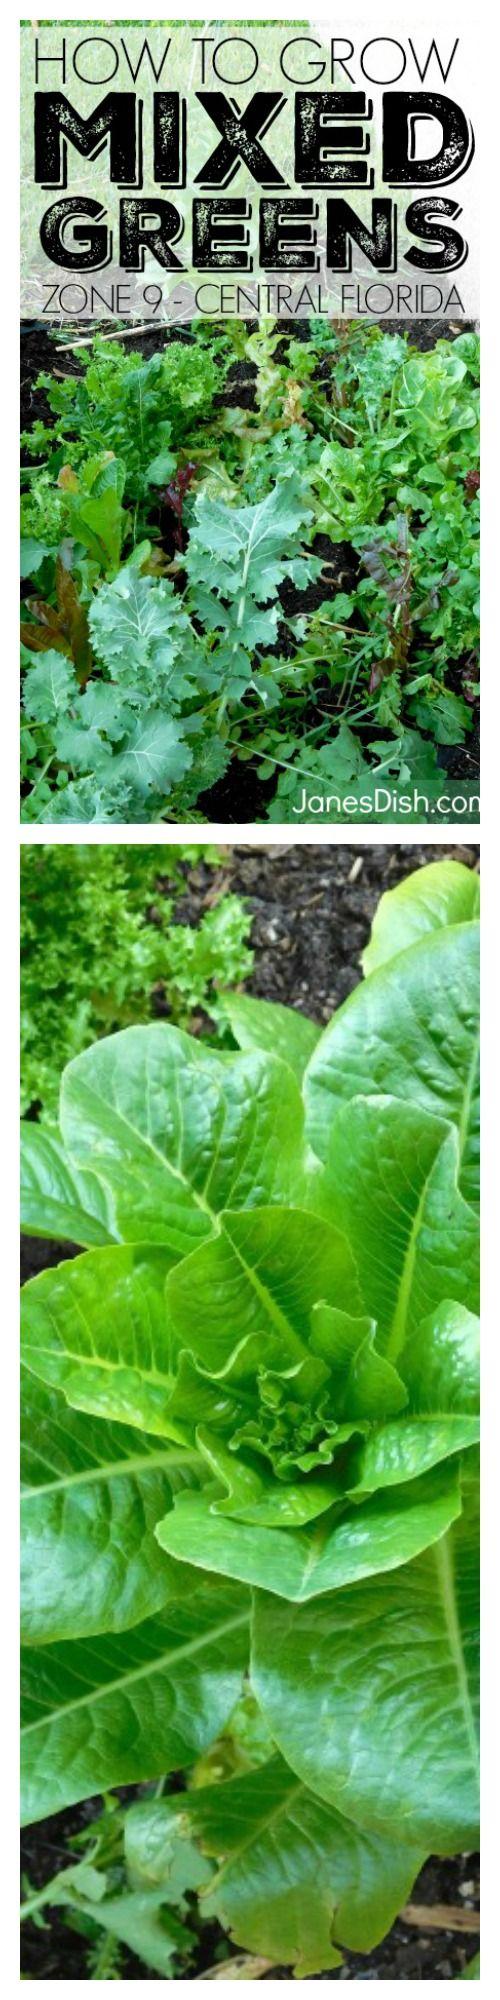 25 Best Zone 9 Gardening Ideas On Pinterest